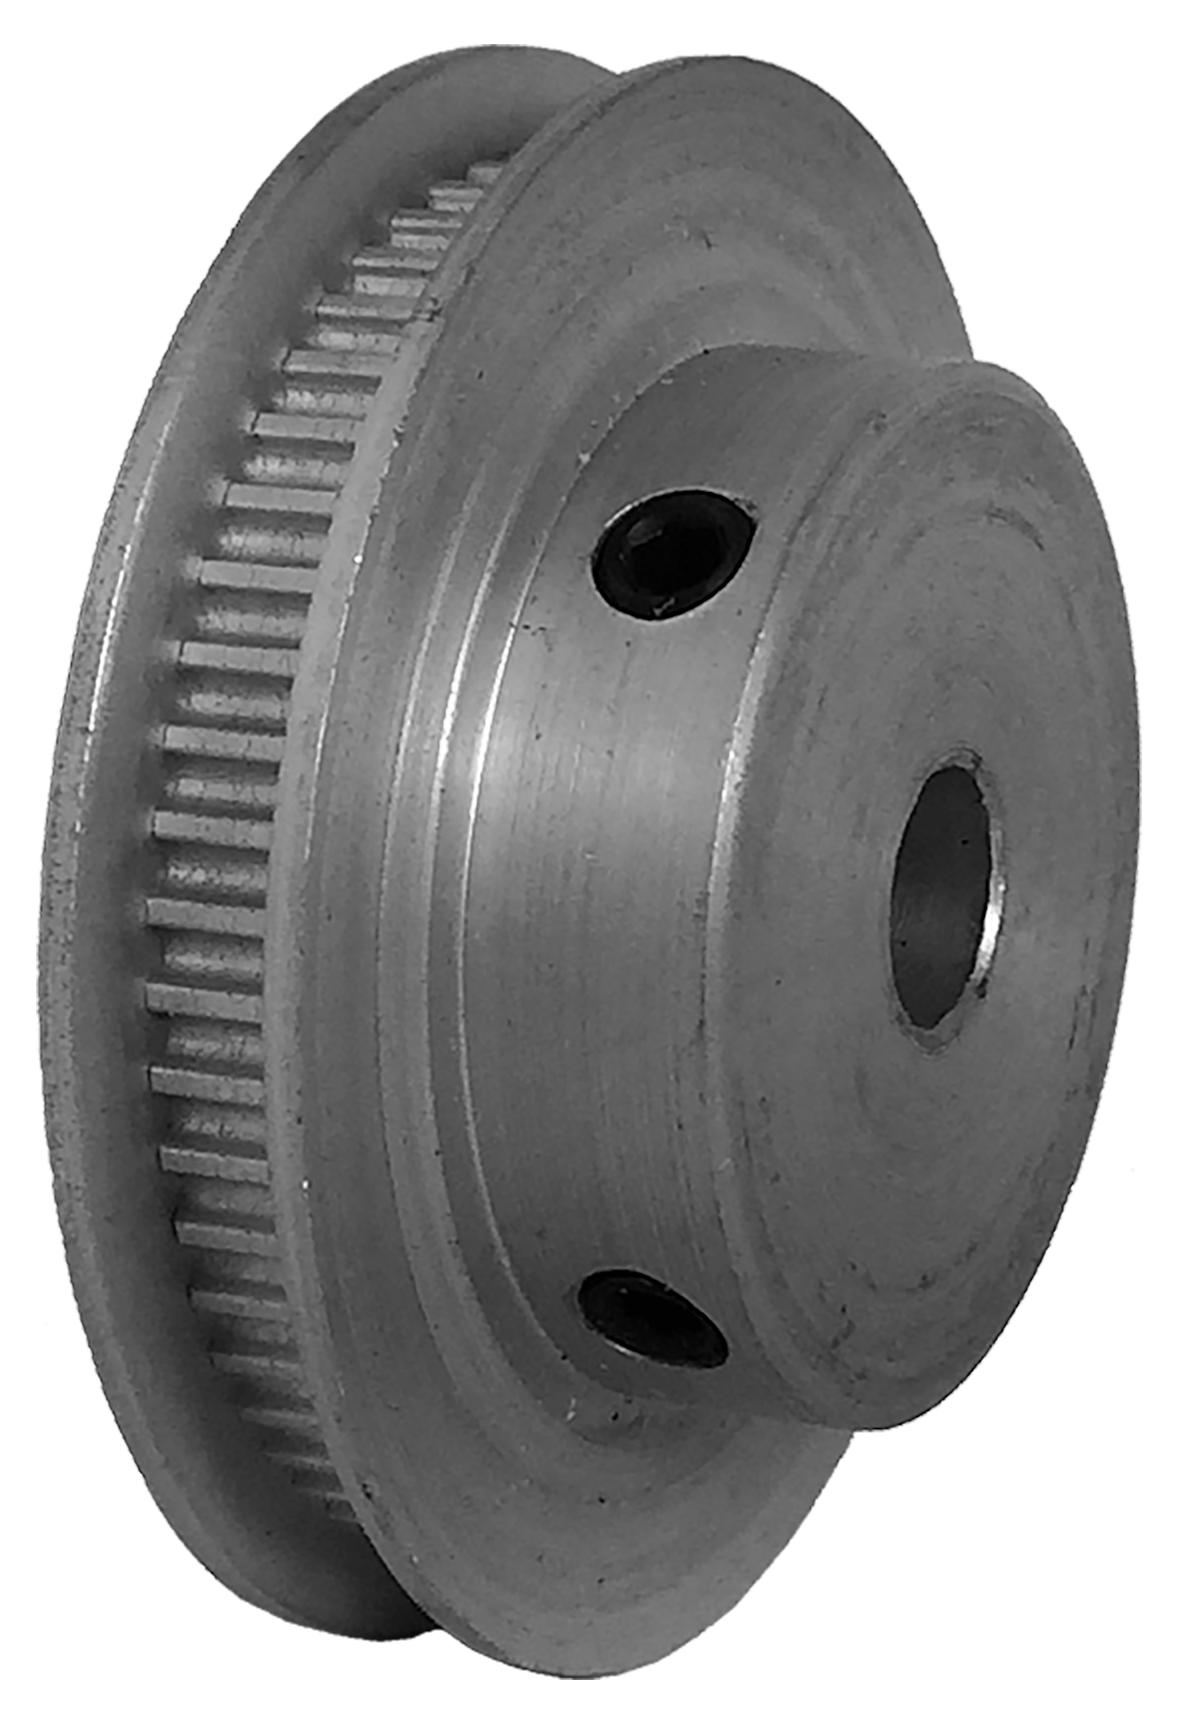 56-2P03-6FA3 - Aluminum Powerhouse® Pulleys